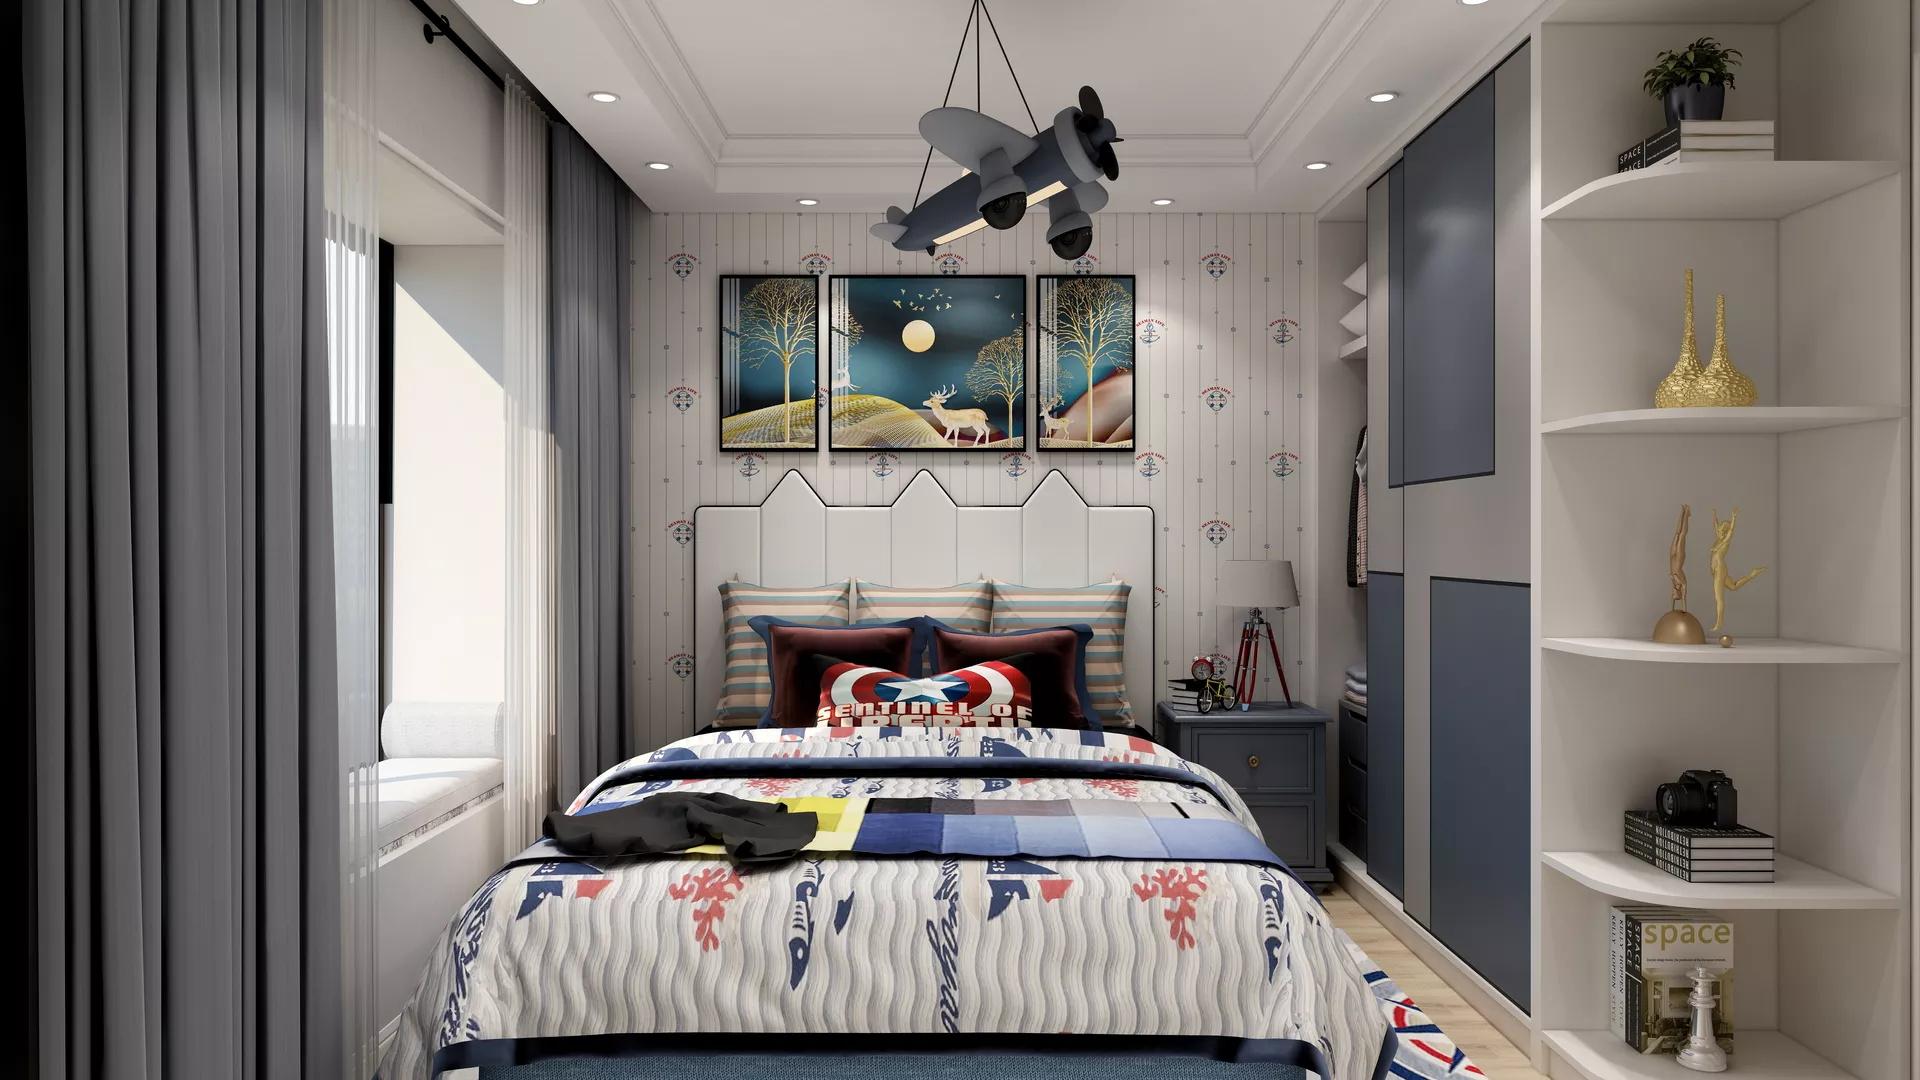 宜家风格舒适型客厅沙发装修效果图